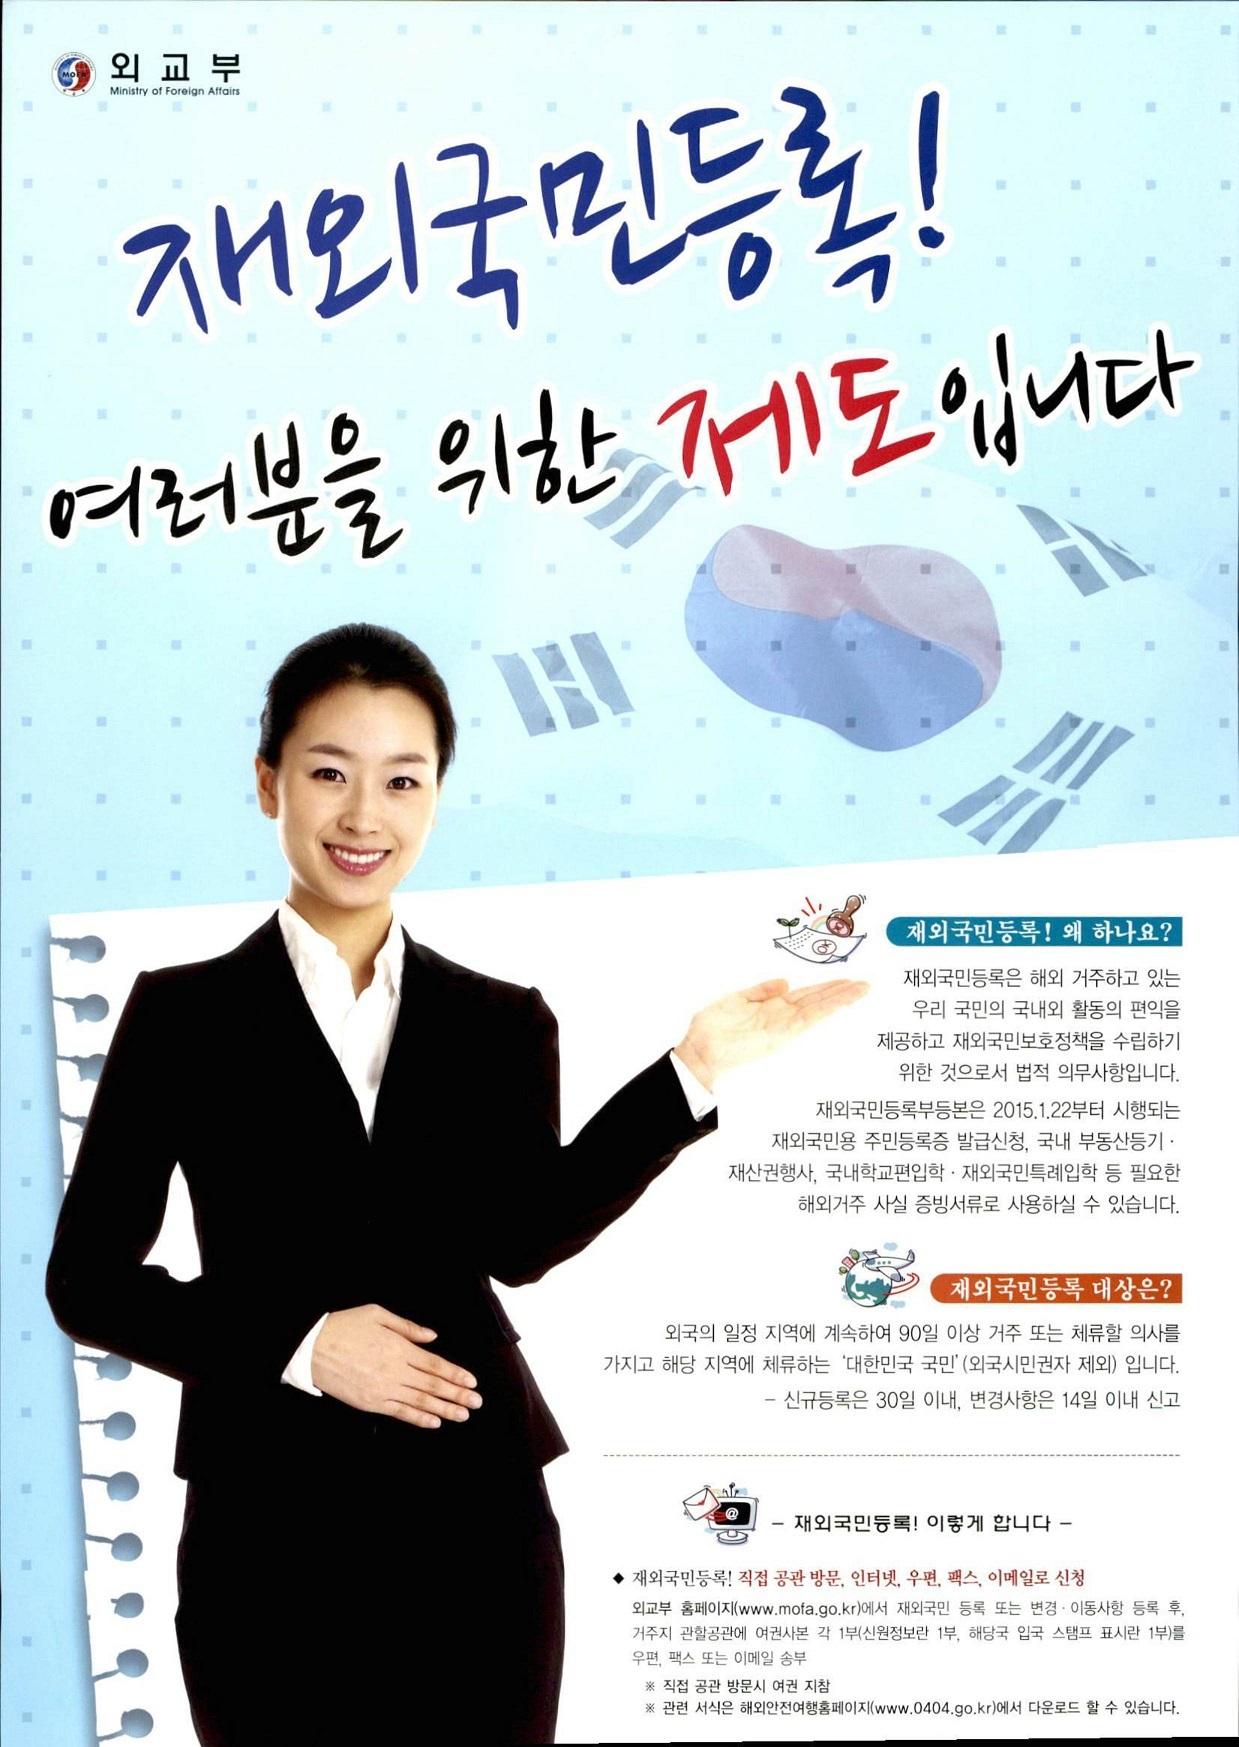 재외국민등록 포스터